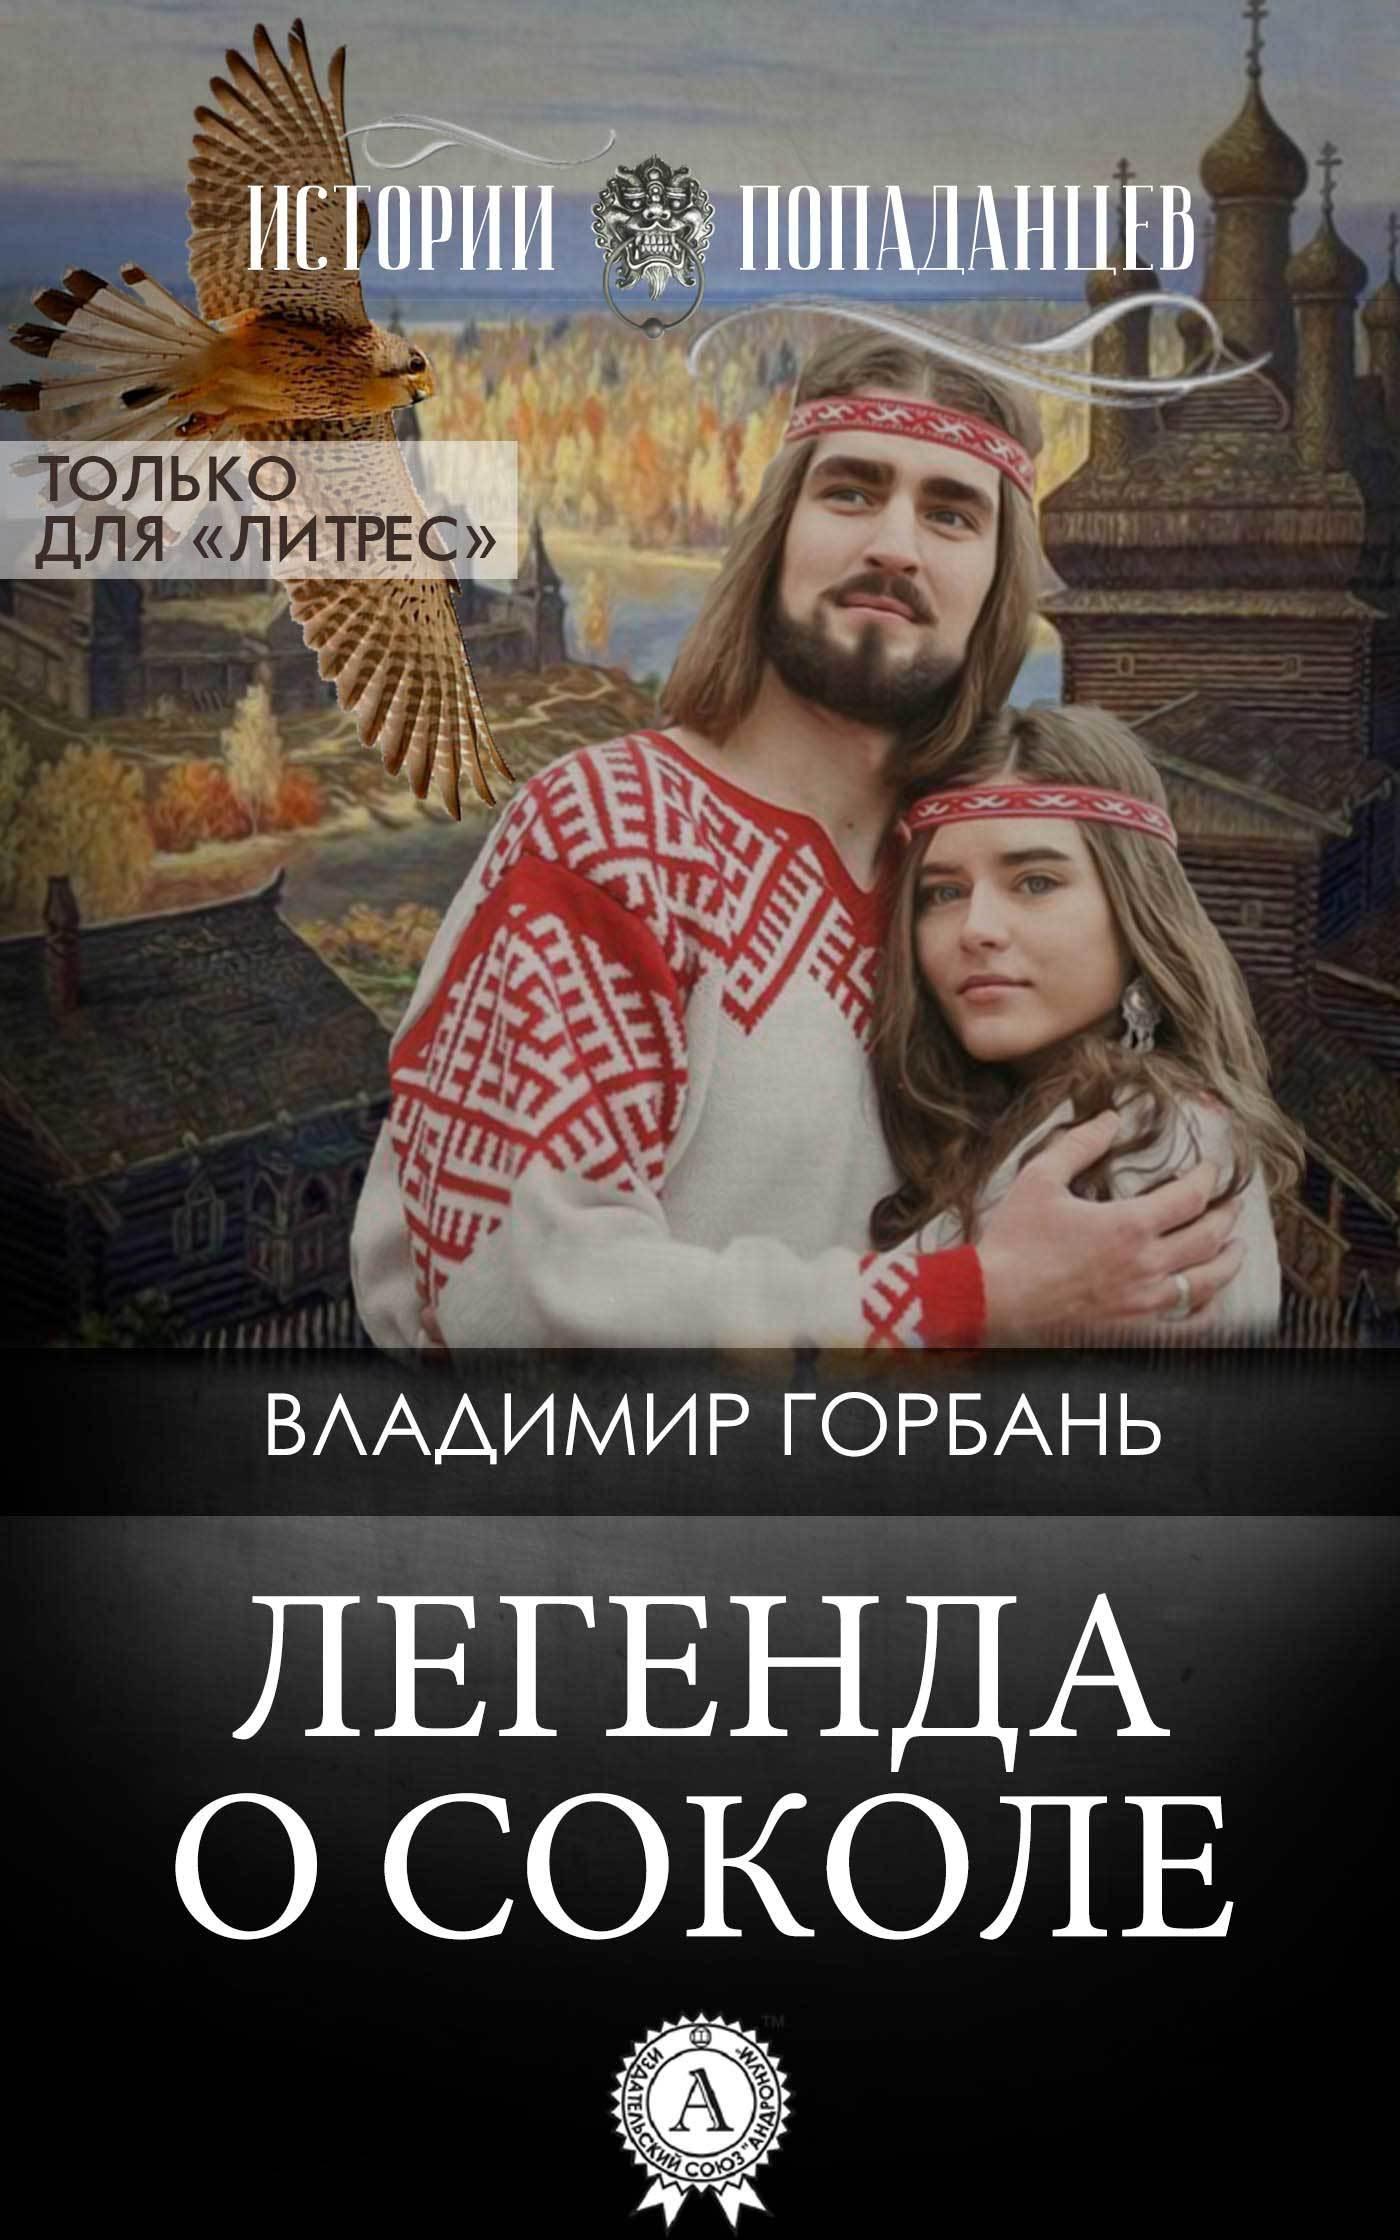 Владимир Горбань - Легенда о Соколе